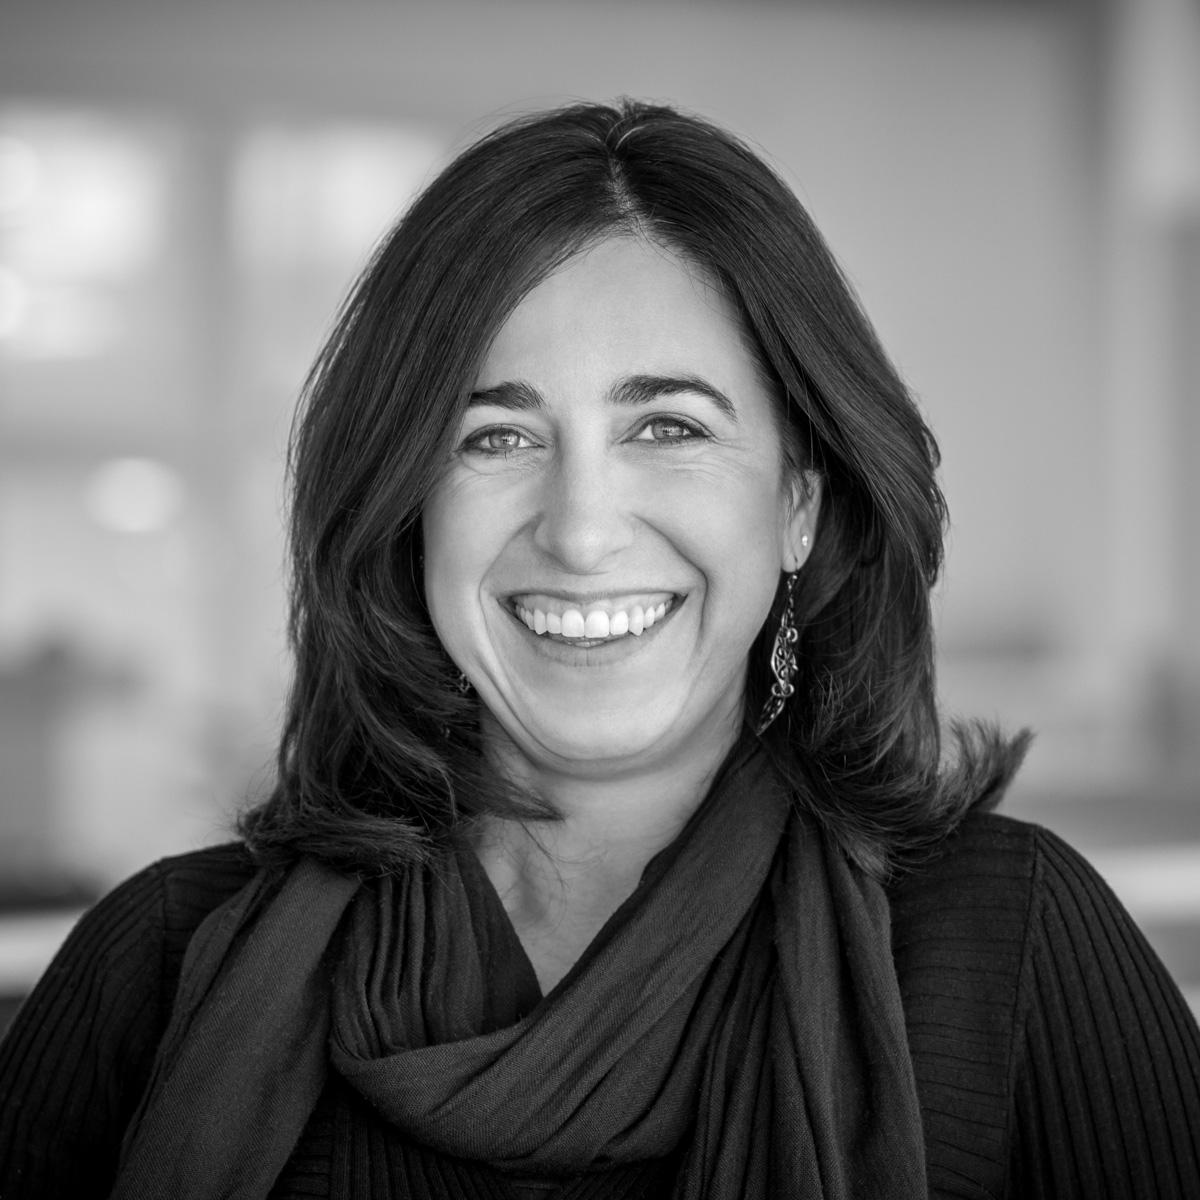 Tina Napralla, IIDA, WRID